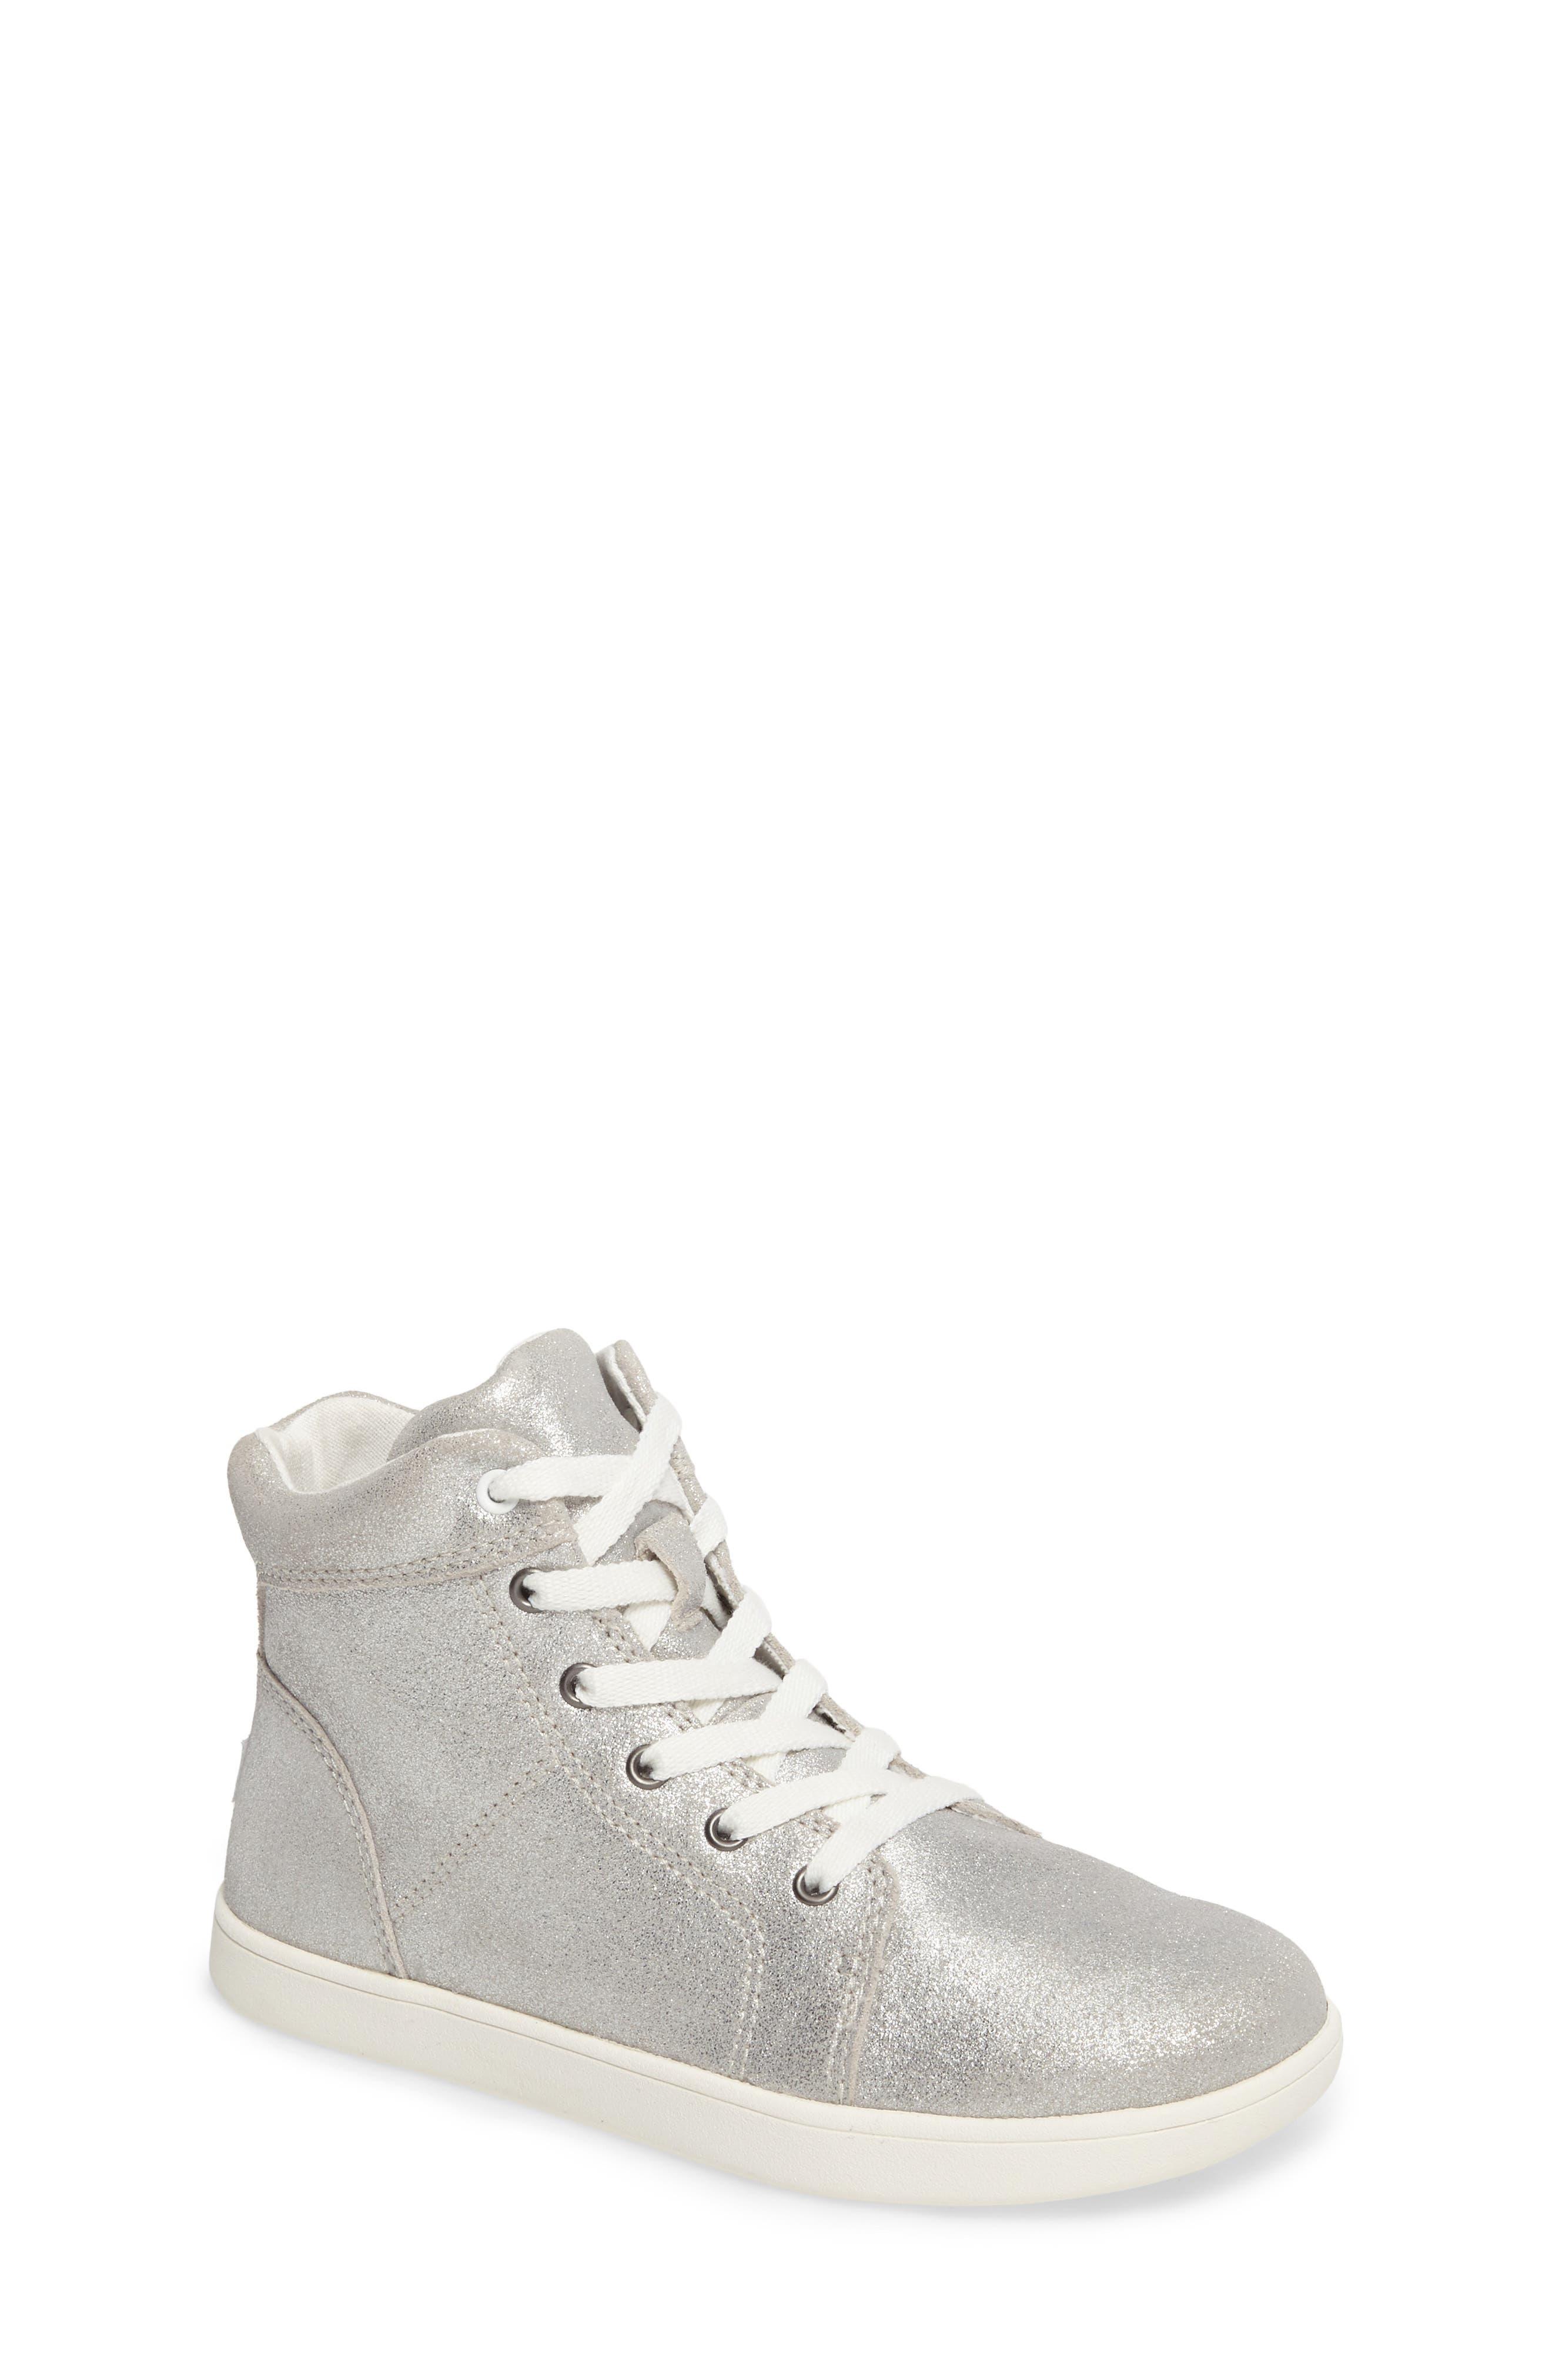 Schyler Metallic High Top Sneaker,                         Main,                         color, 040